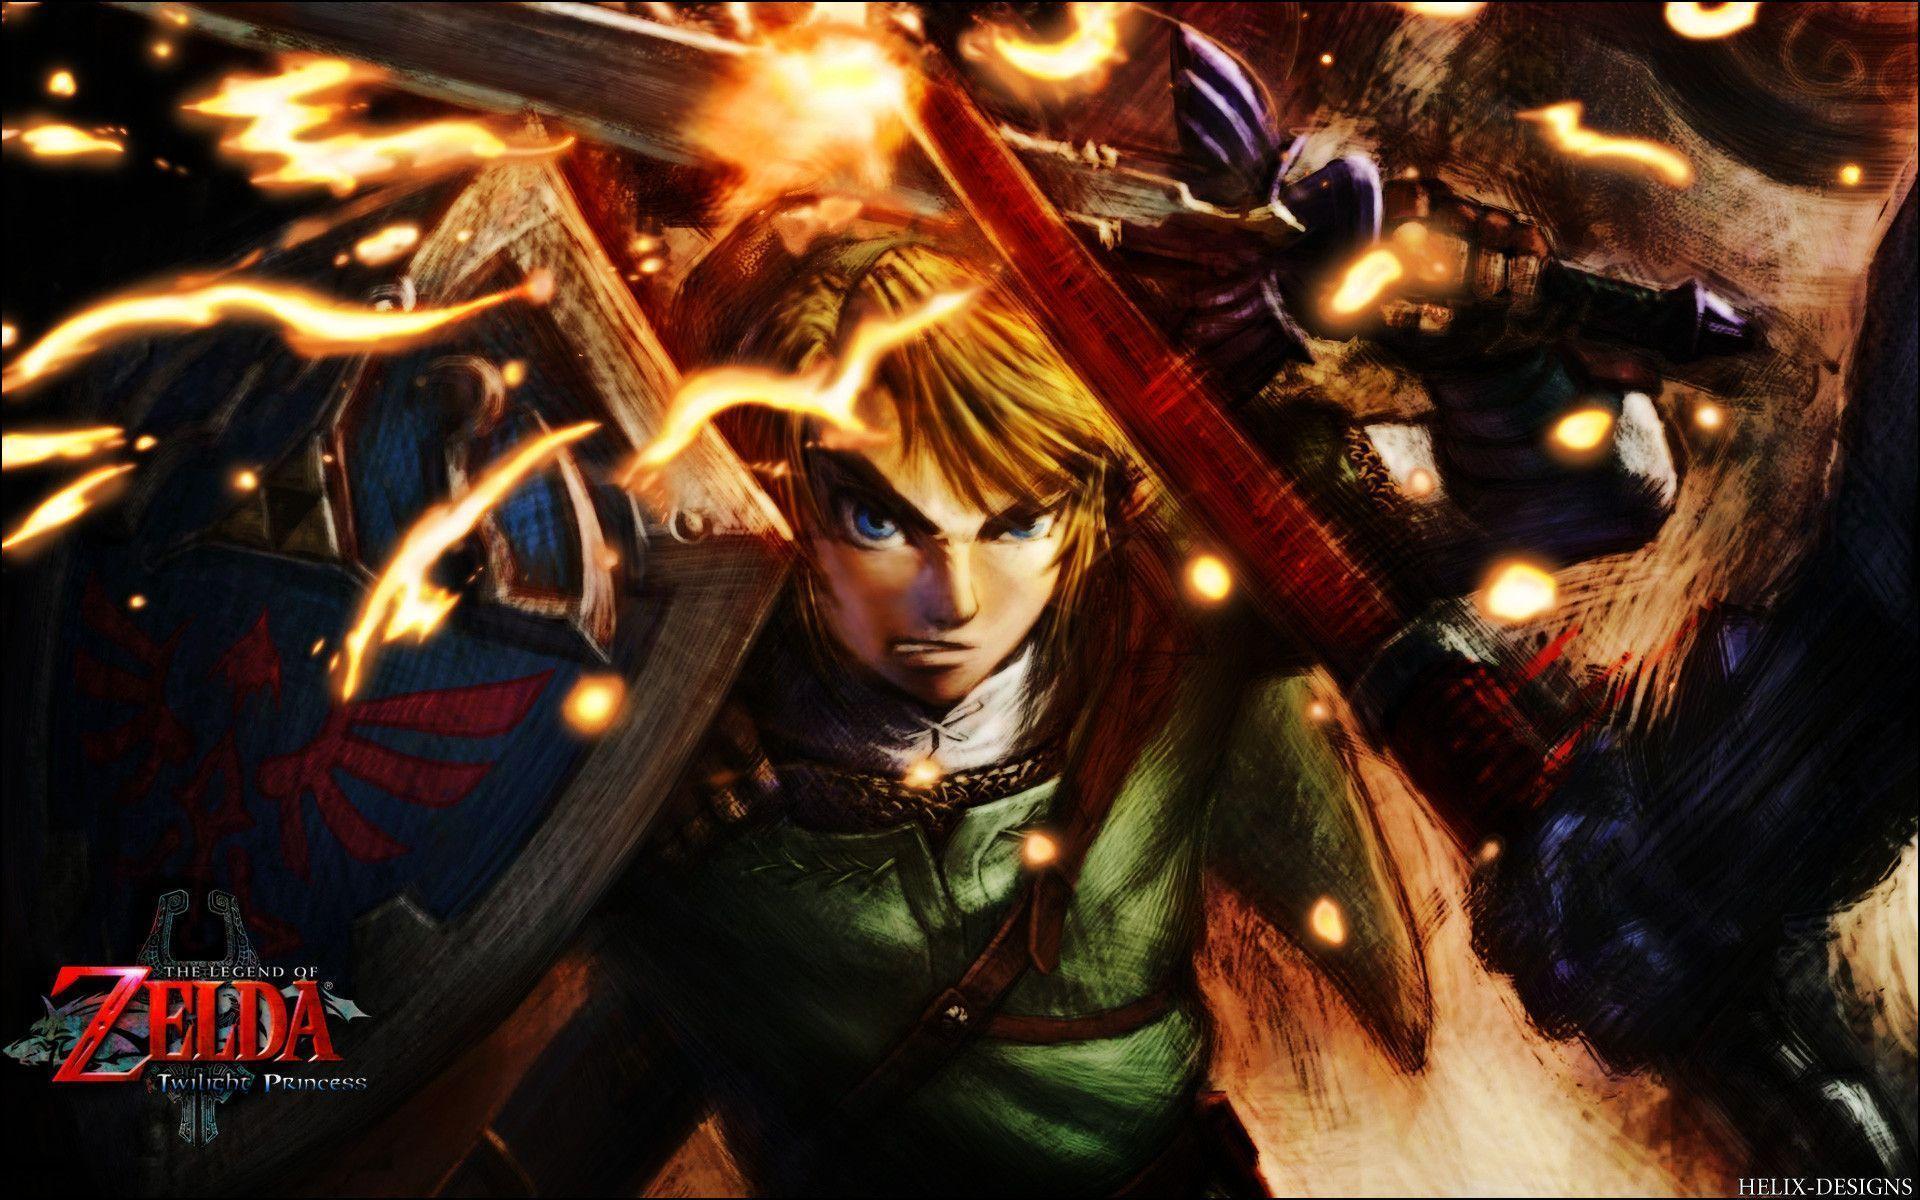 Legend Of Zelda Desktop Wallpapers - Wallpaper Cave